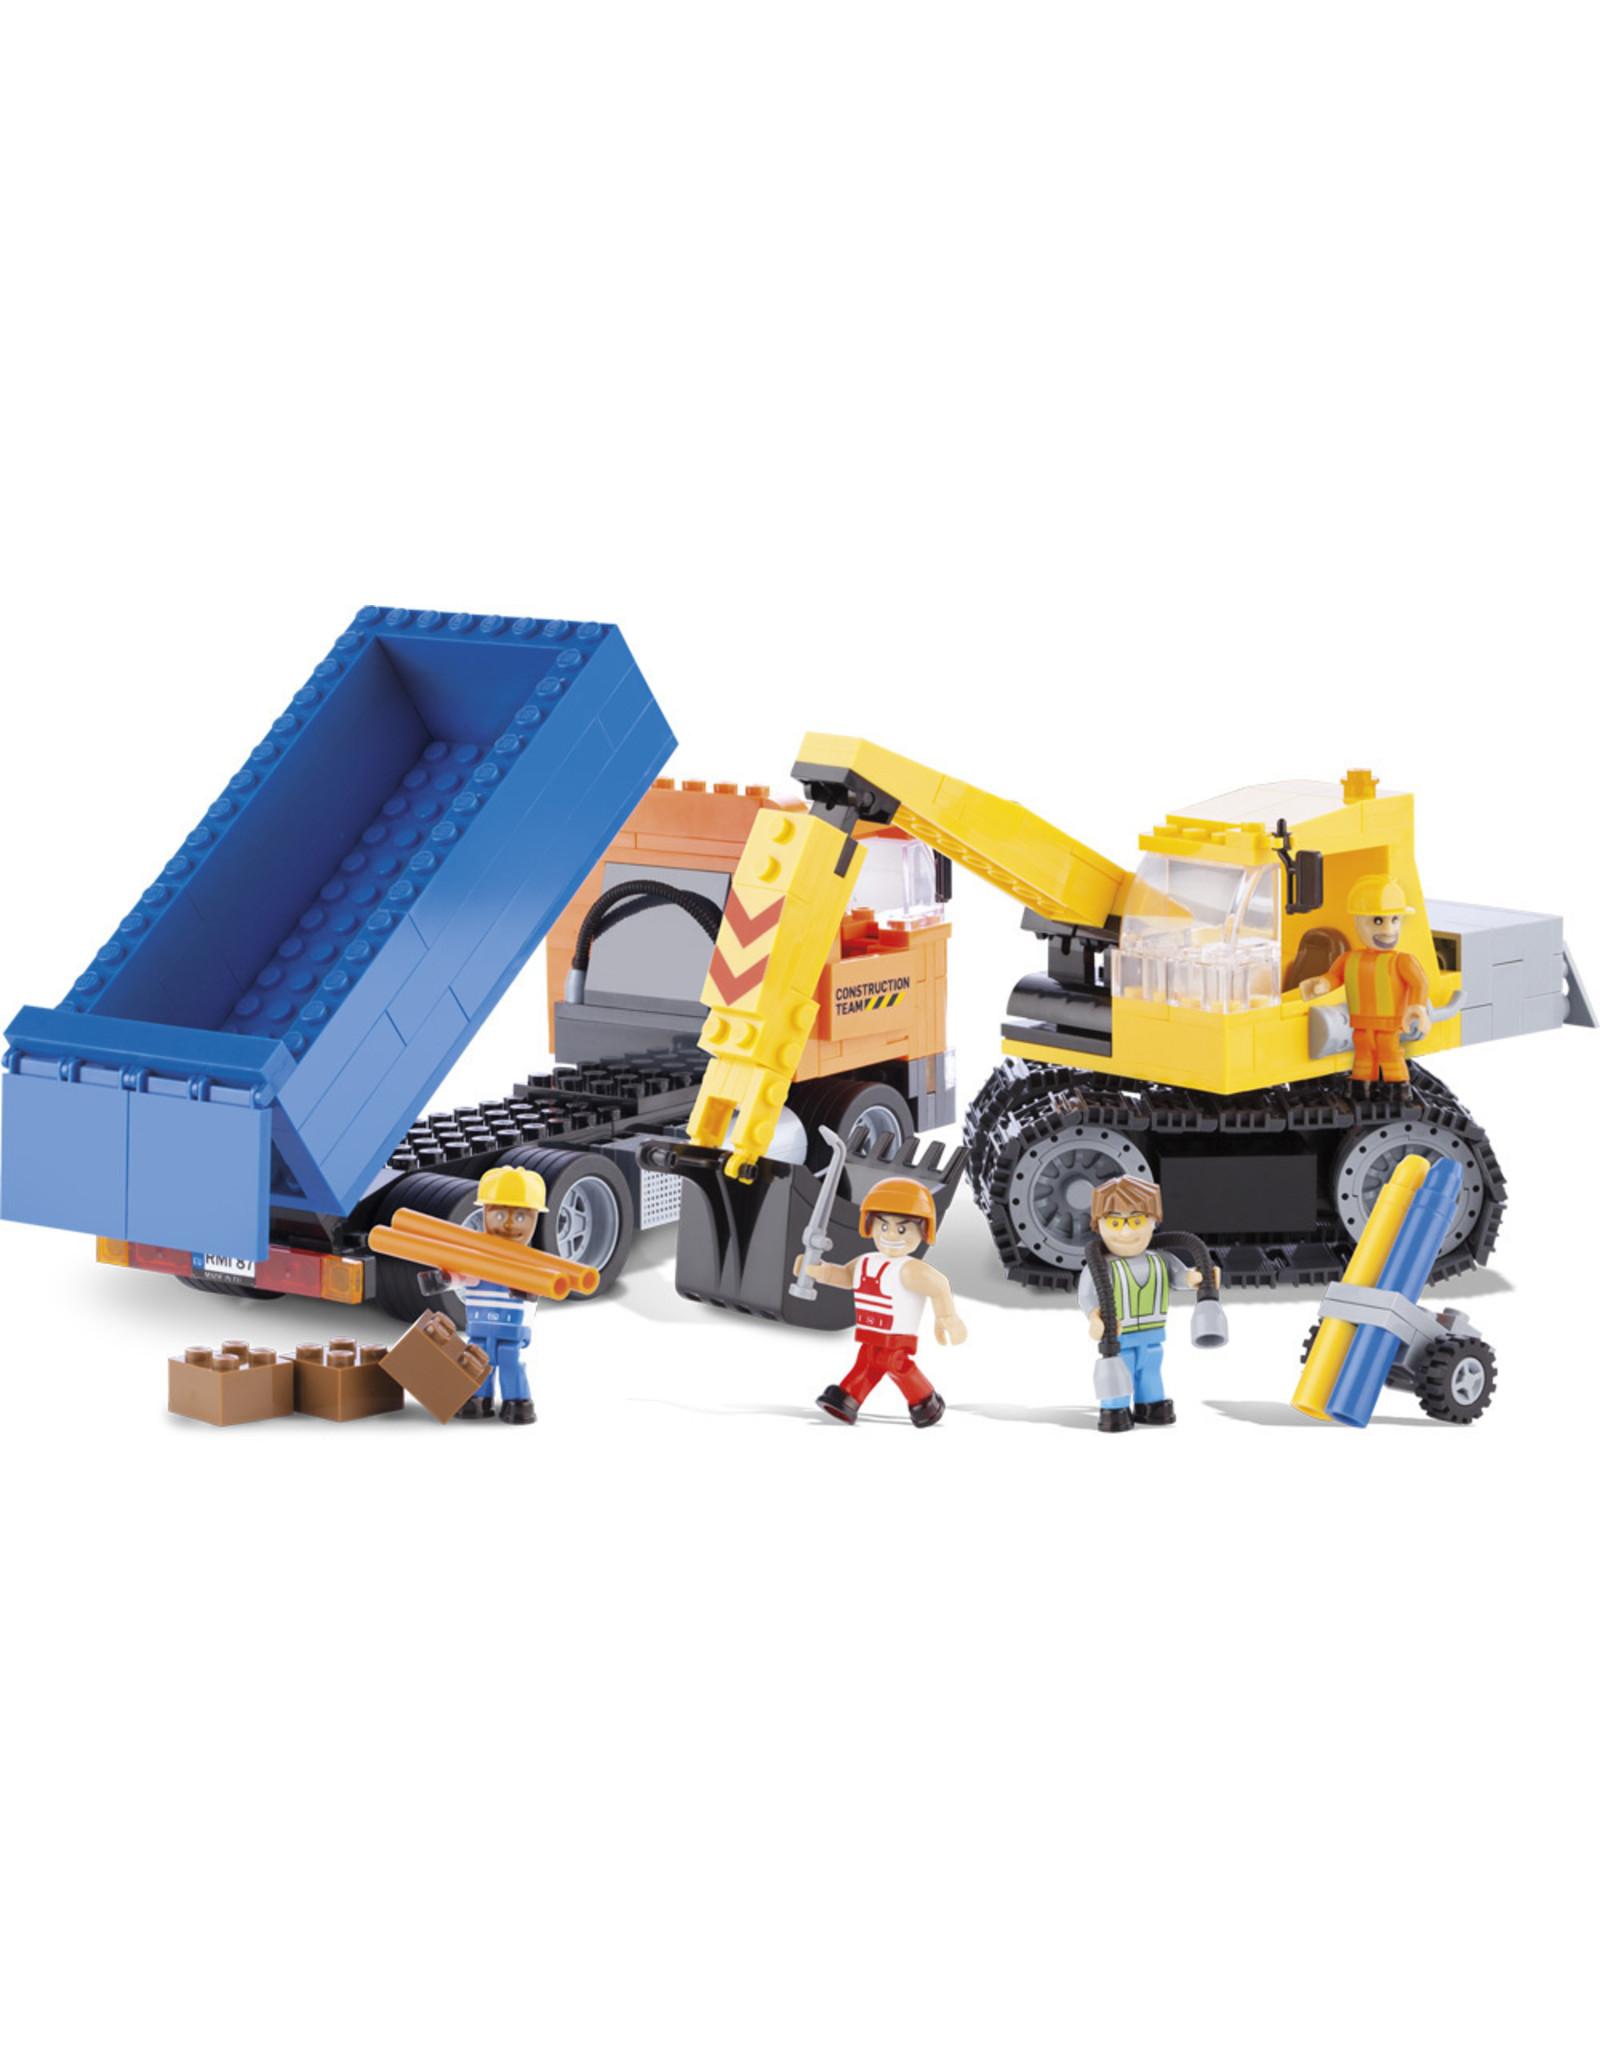 COBI COBI Action Town 1667 - Dump Truck and Excavator